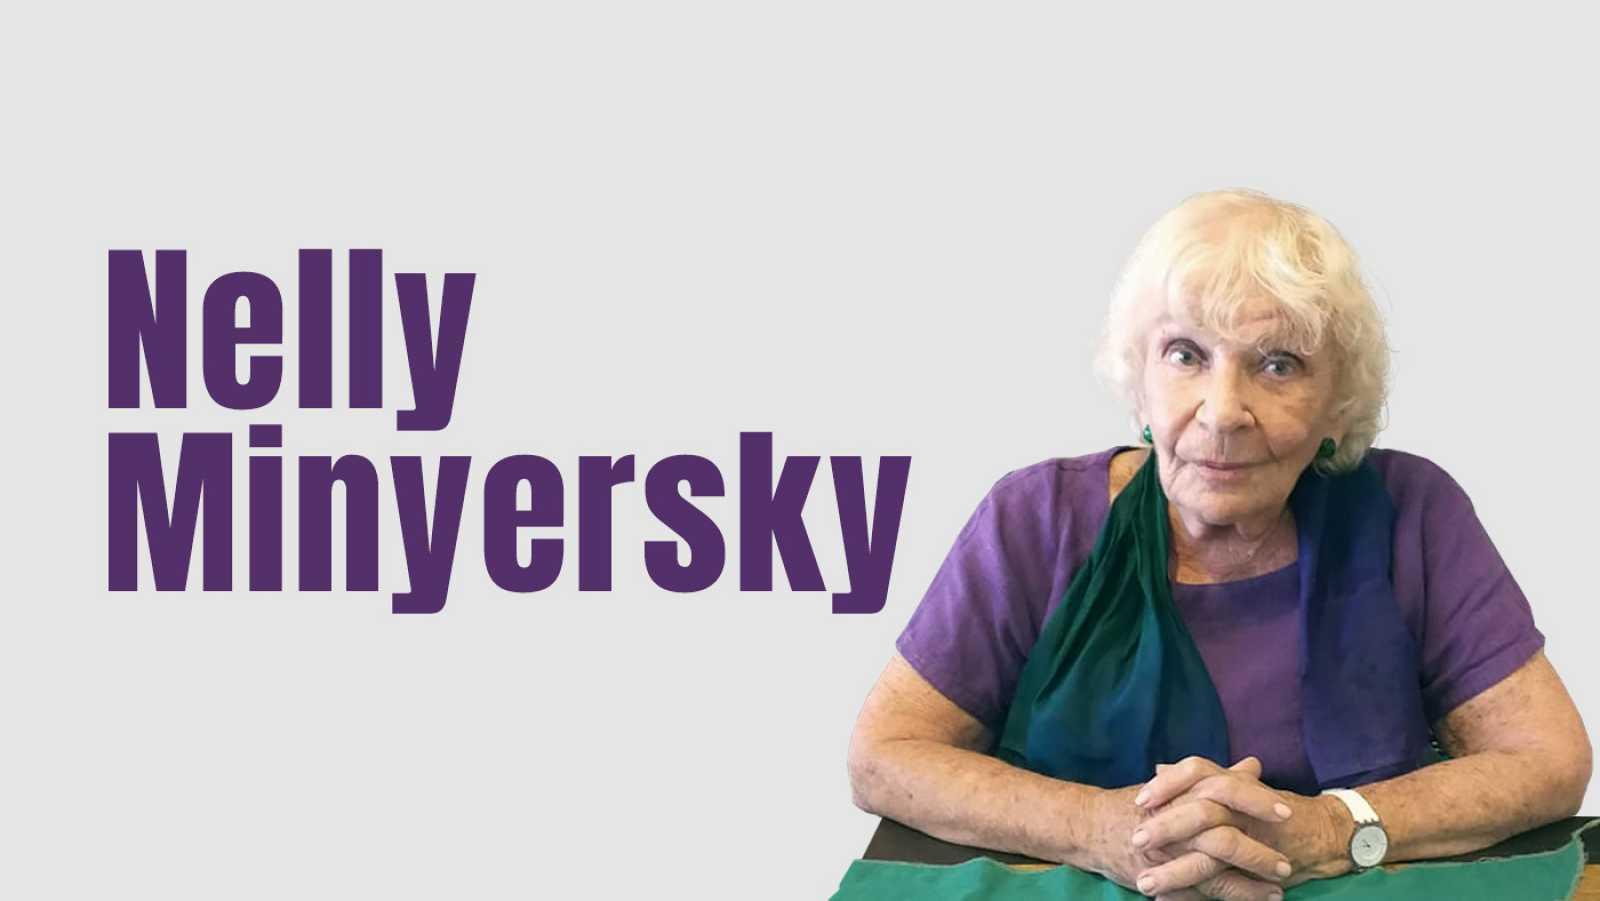 Nelly Minyersky